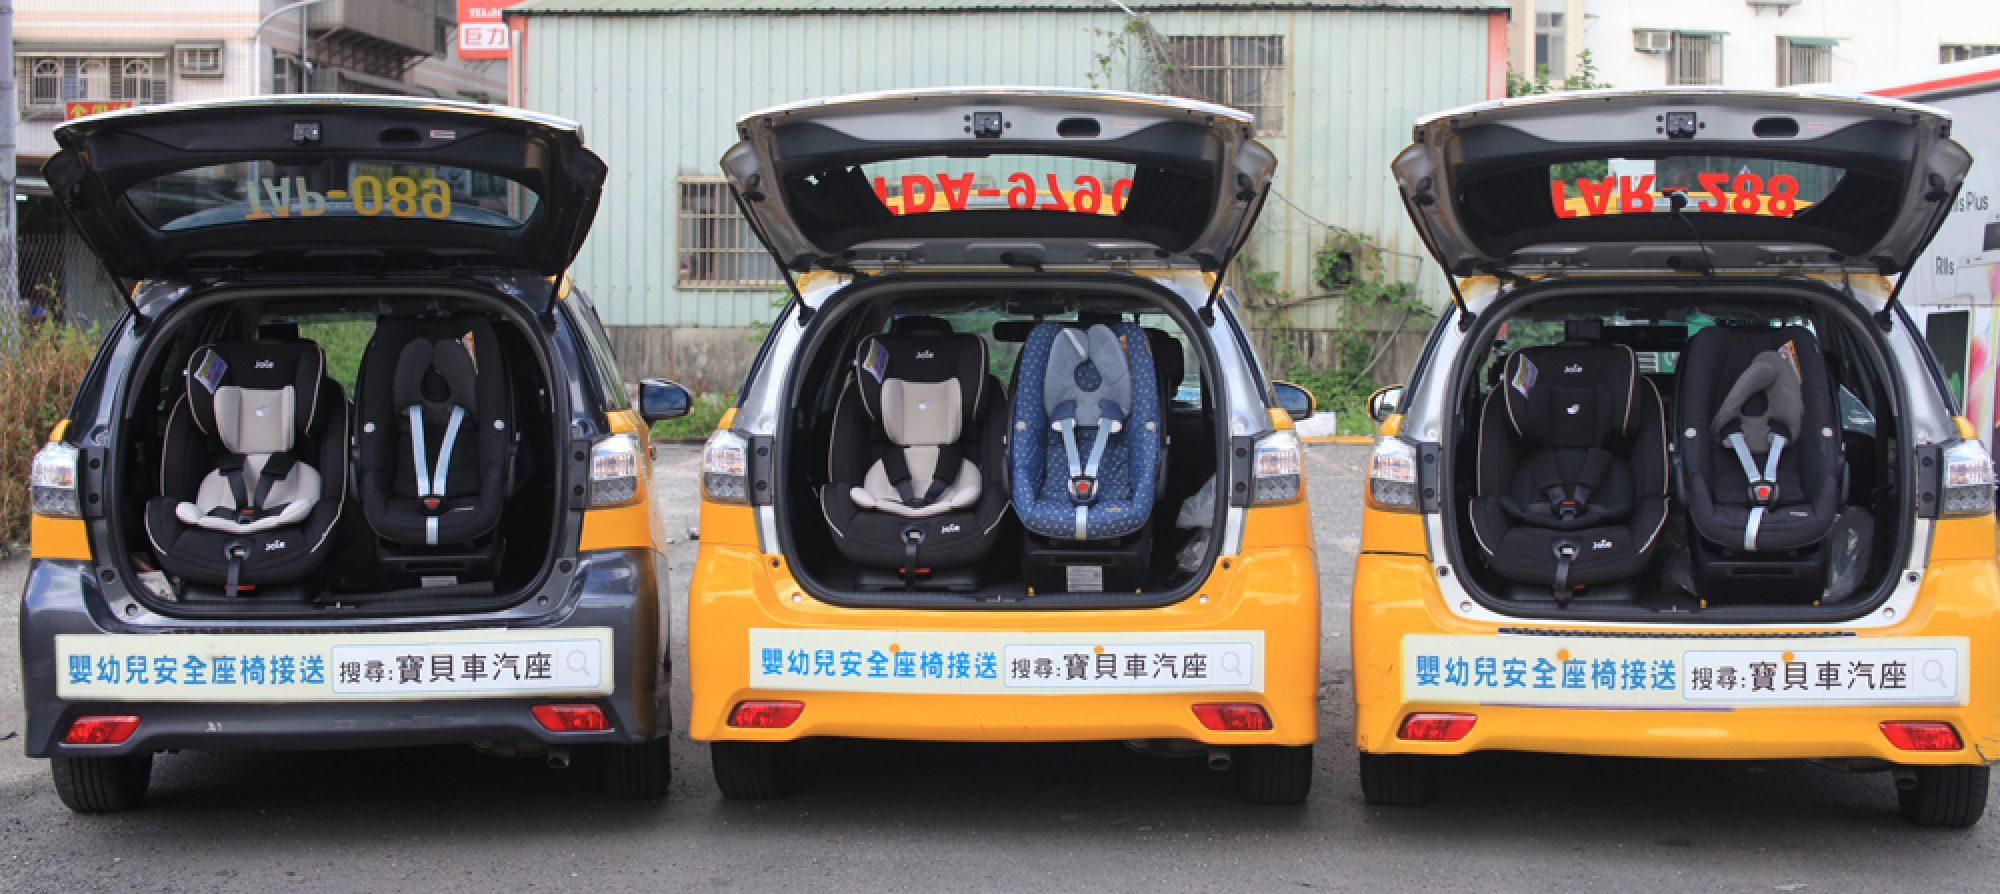 金車自由行包車旅遊